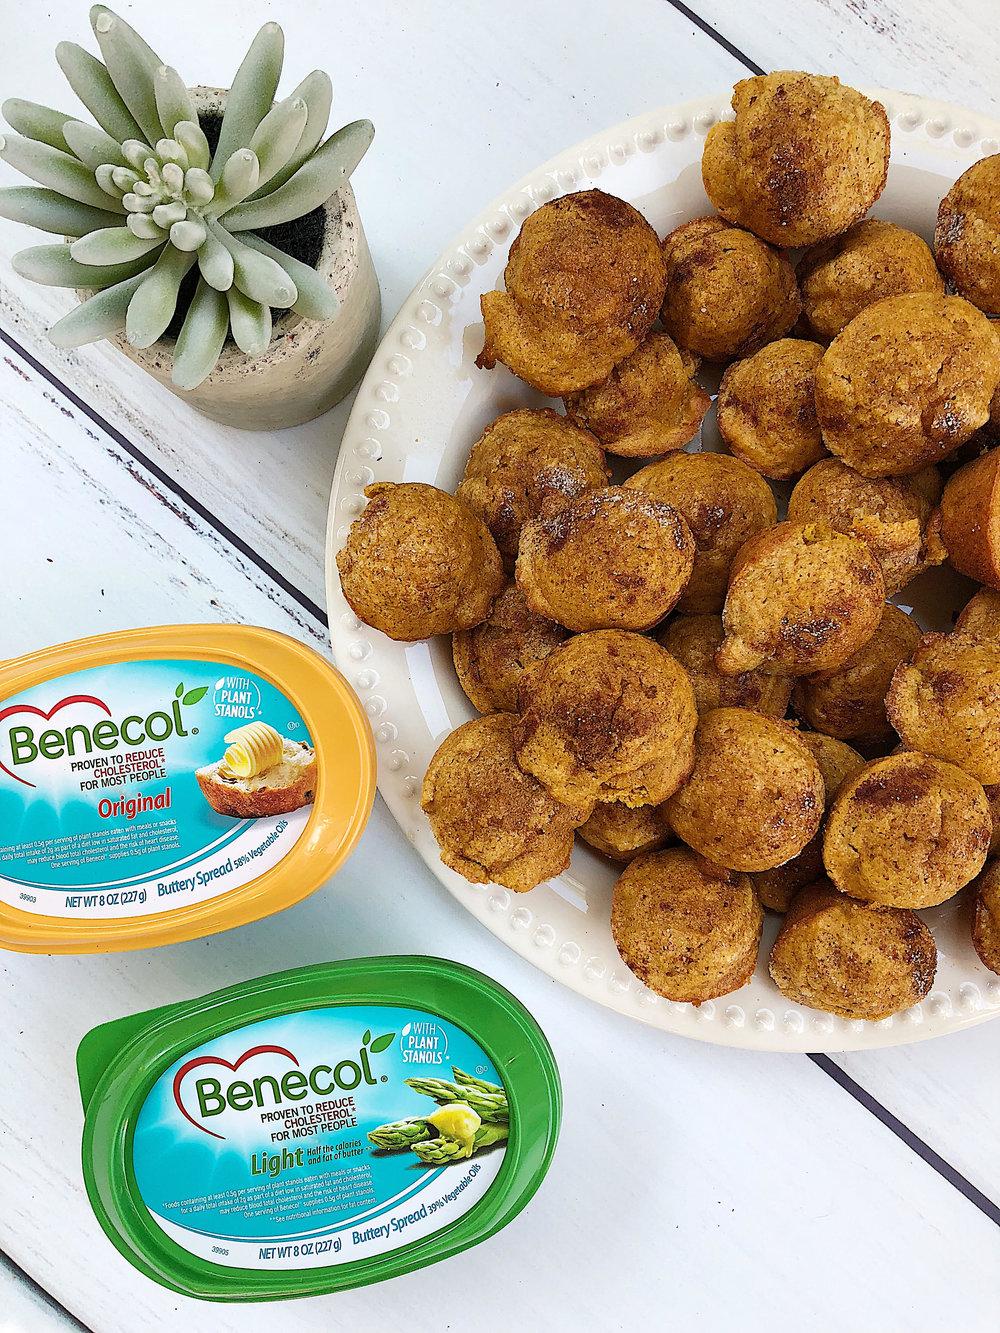 Benecol pumpkin muffins.jpg